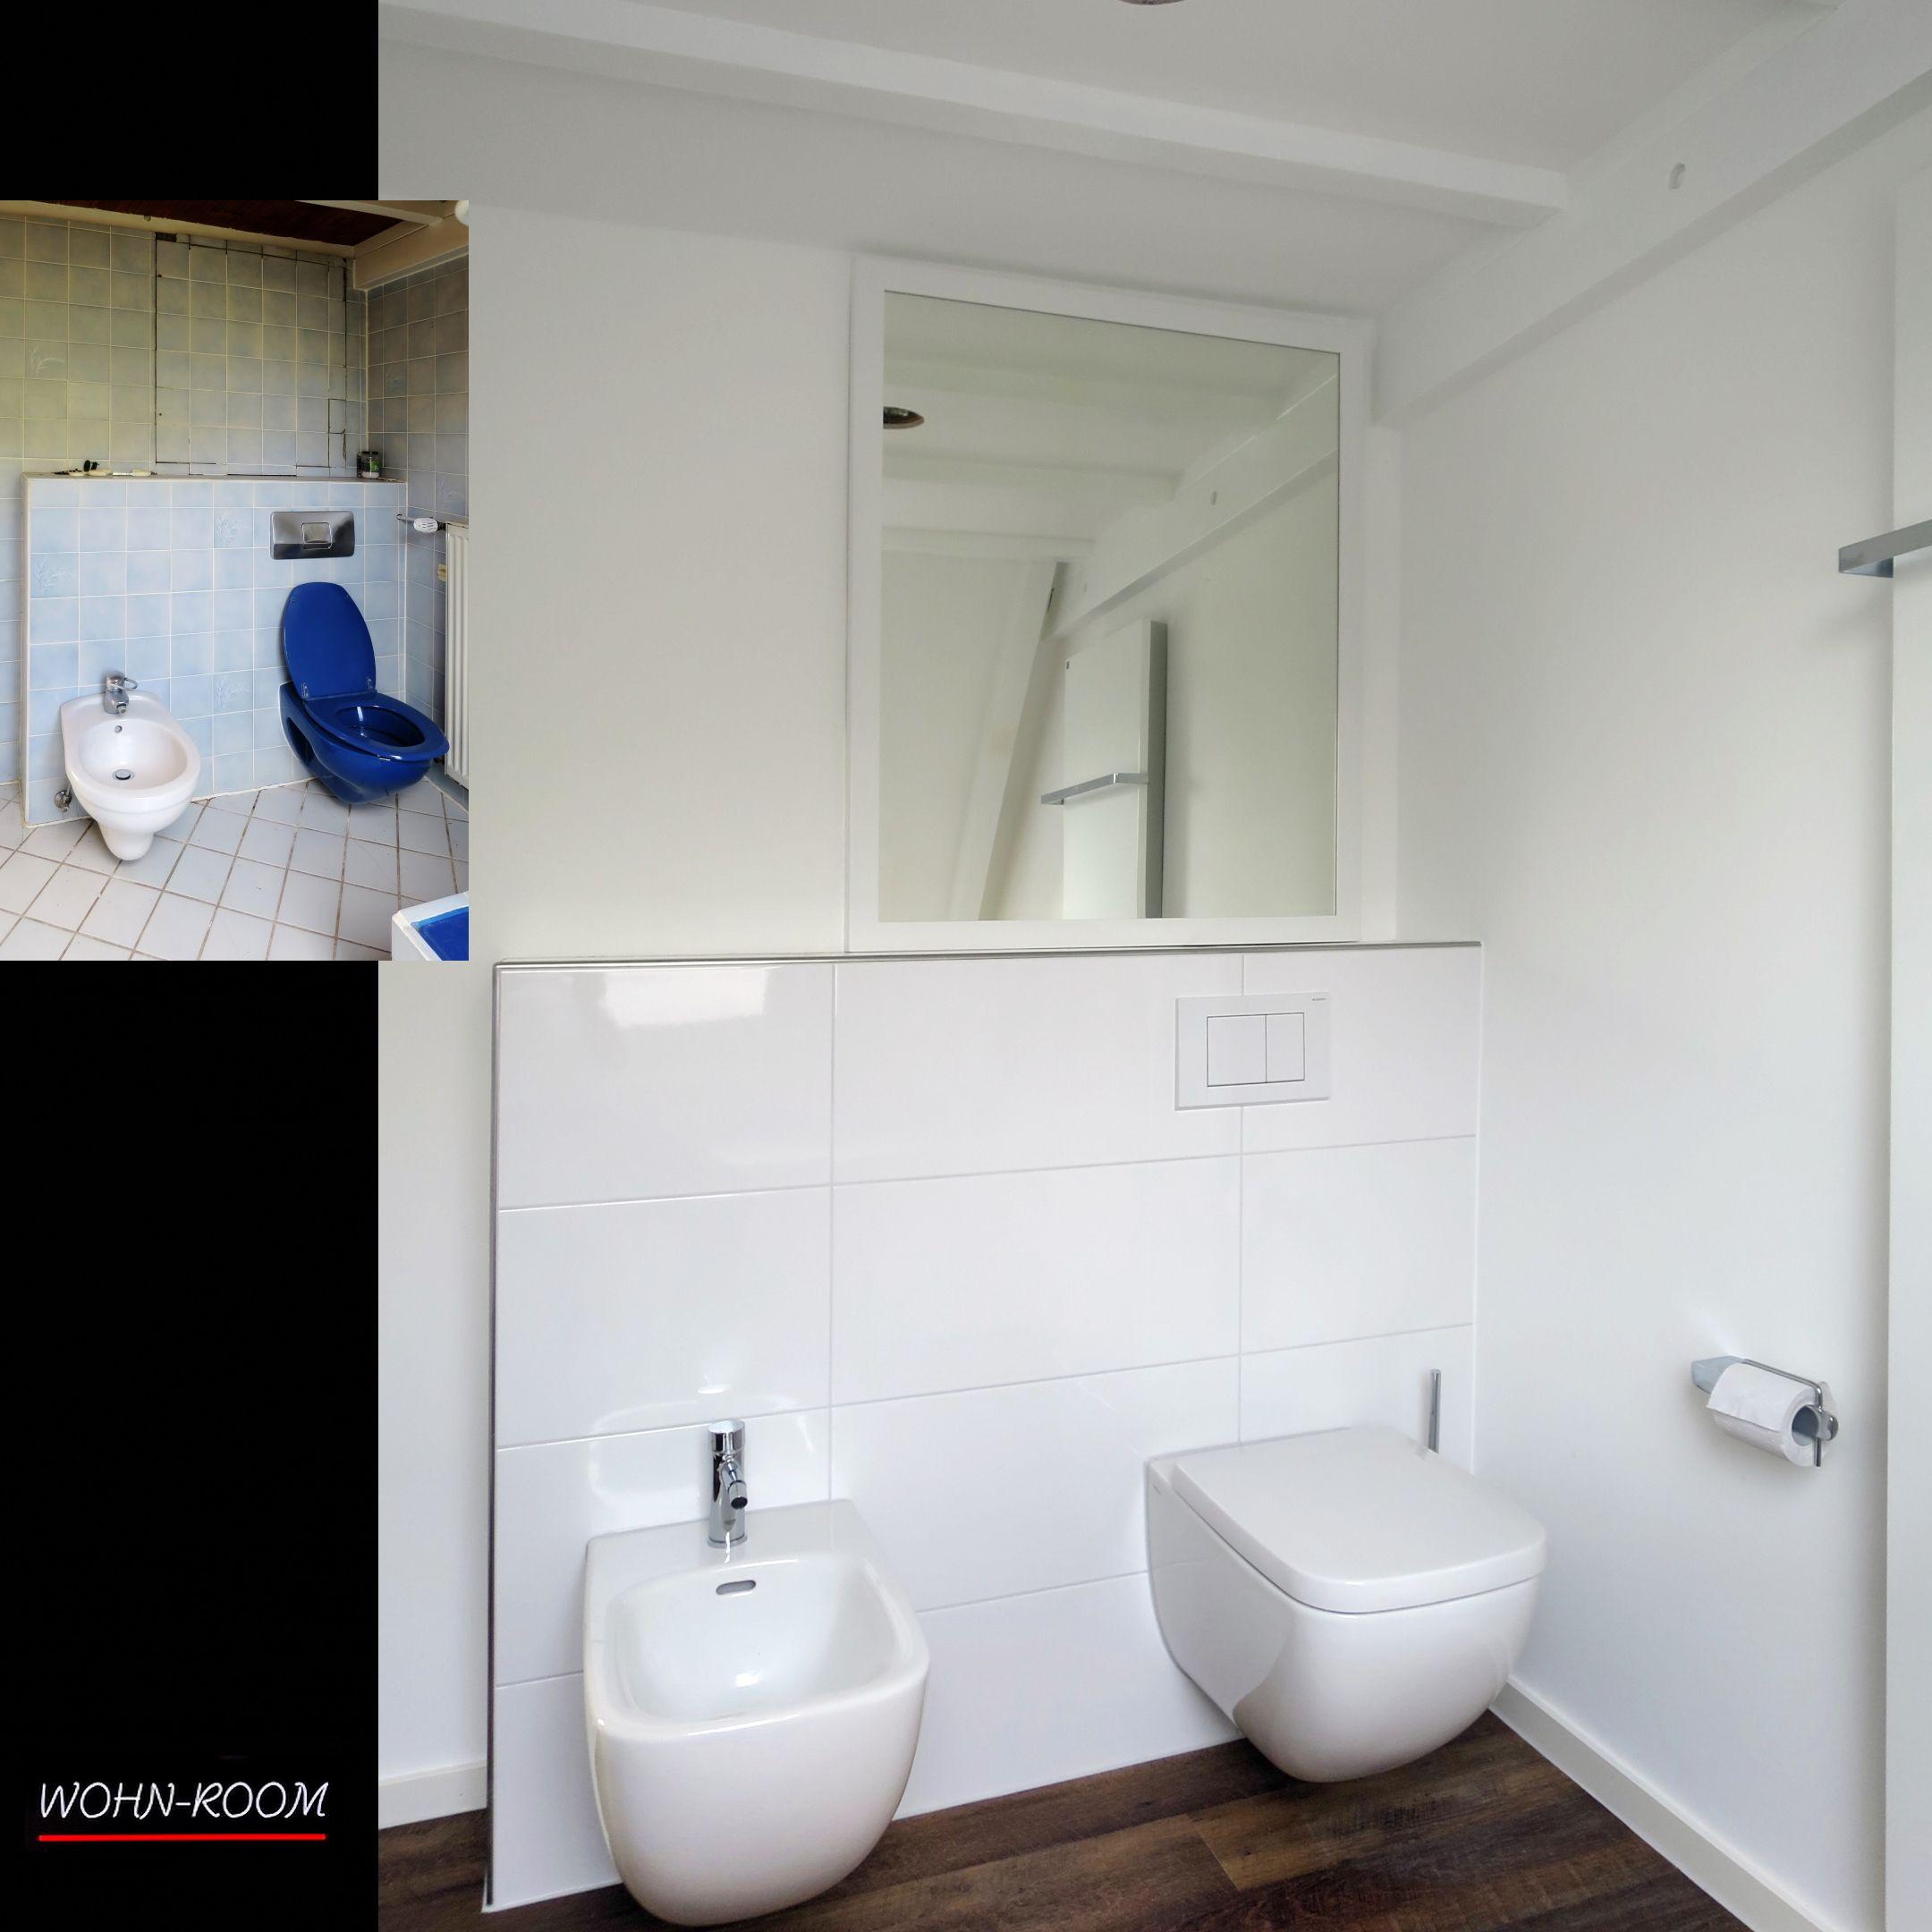 Pin Von Wohn Room Gmbh Auf Modernisieren Renovieren Wandverkleidung Renovieren Kunststein